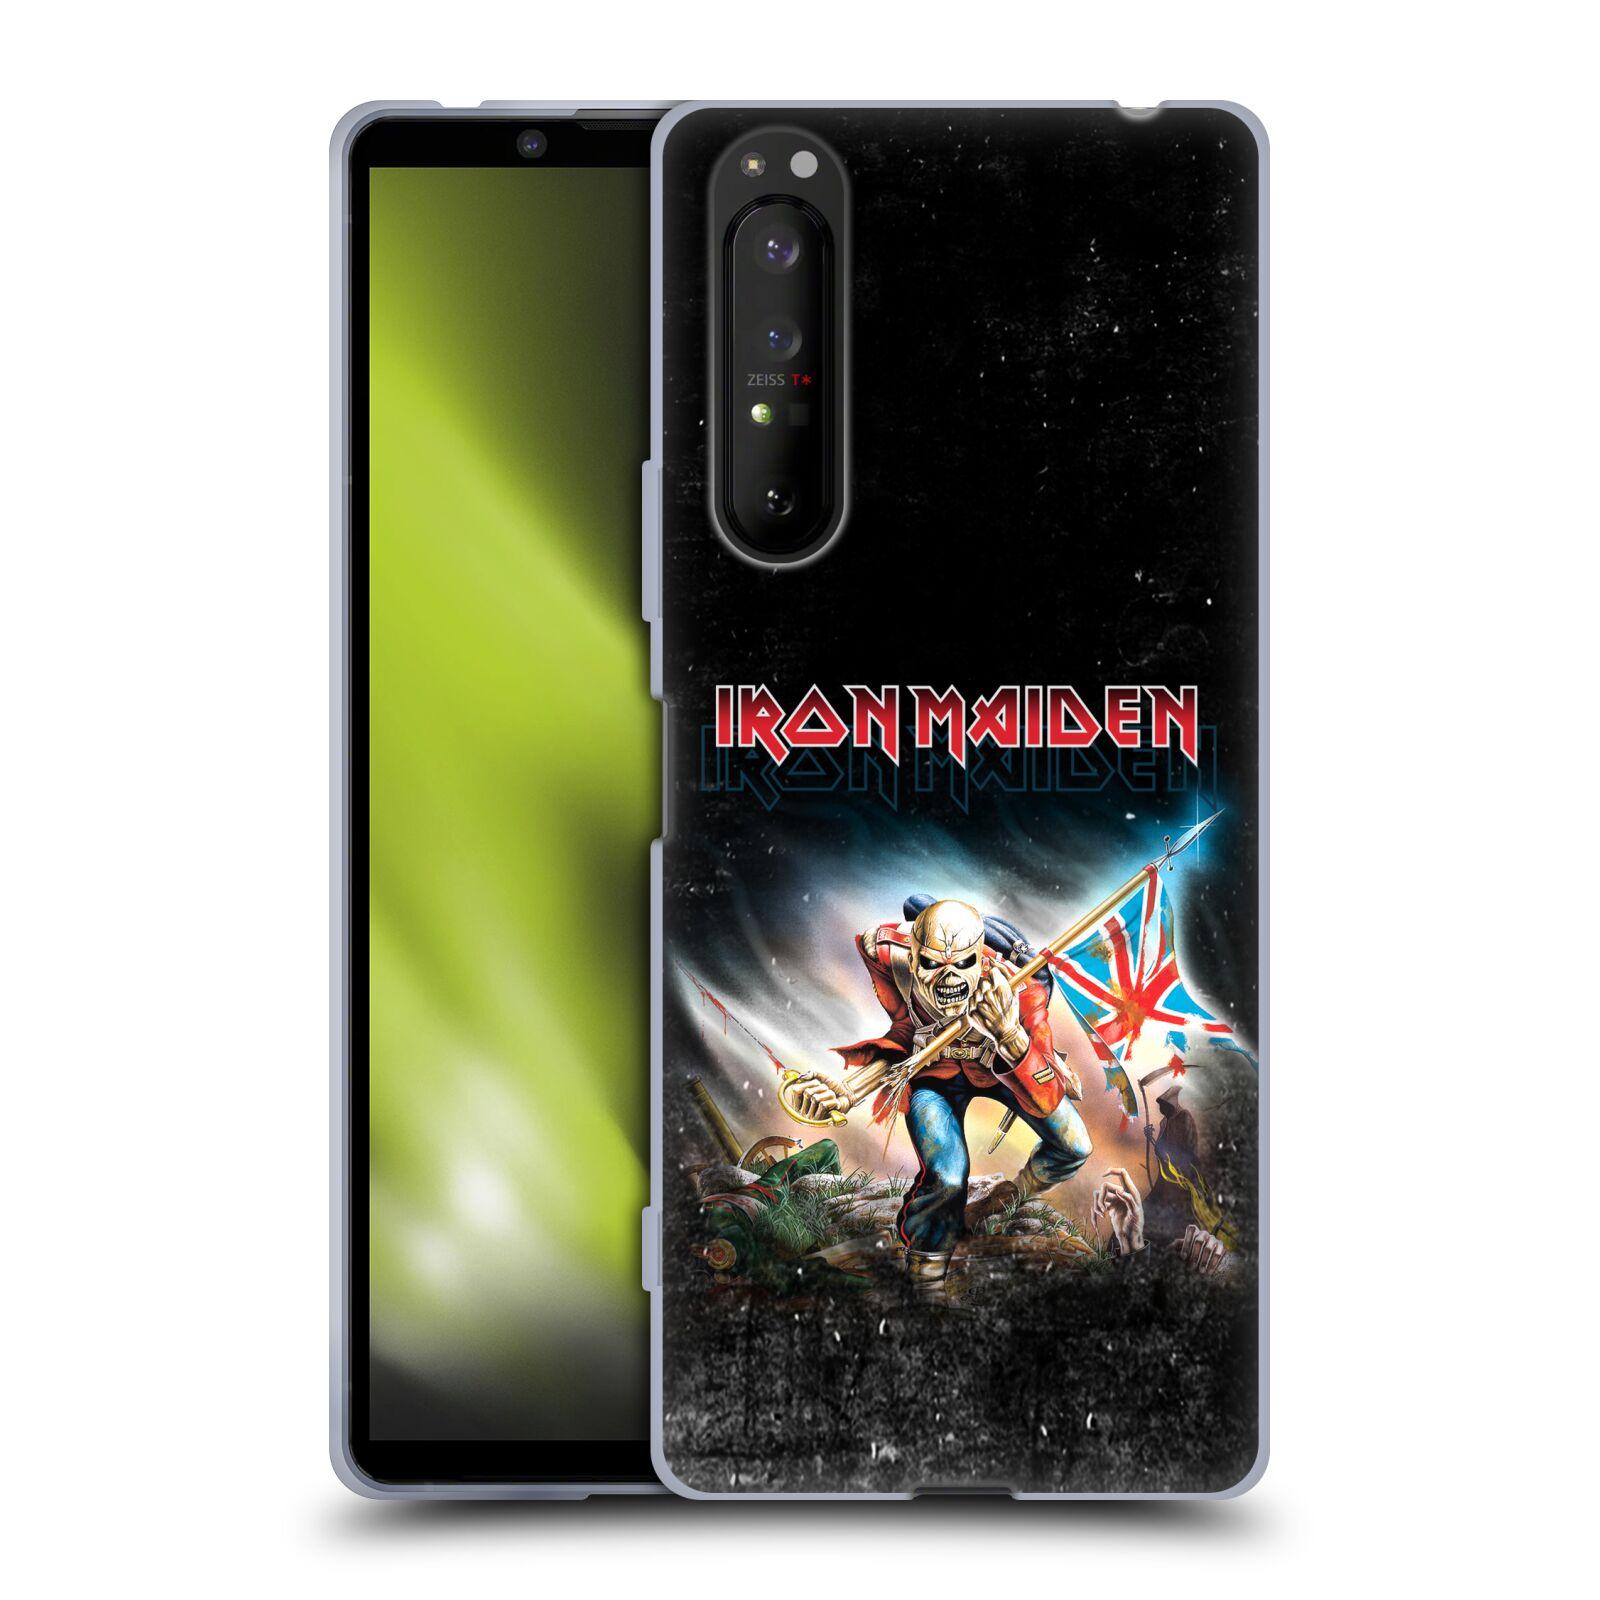 Silikonové pouzdro na mobil Sony Xperia 1 II - Head Case - Iron Maiden - Trooper 2016